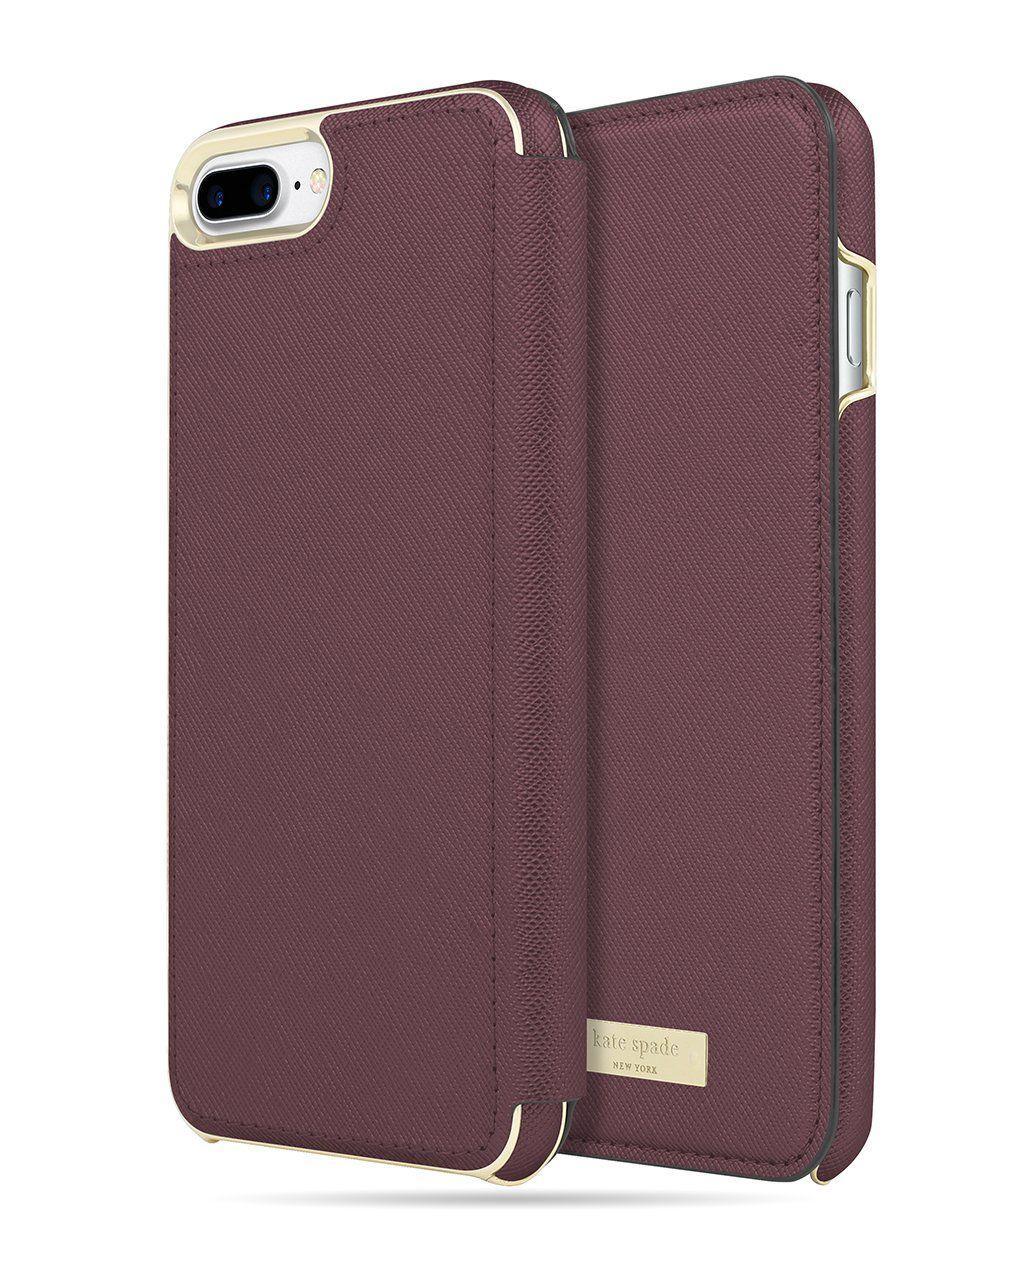 Kate spade folio case for iphone 6 7 8 plus folio